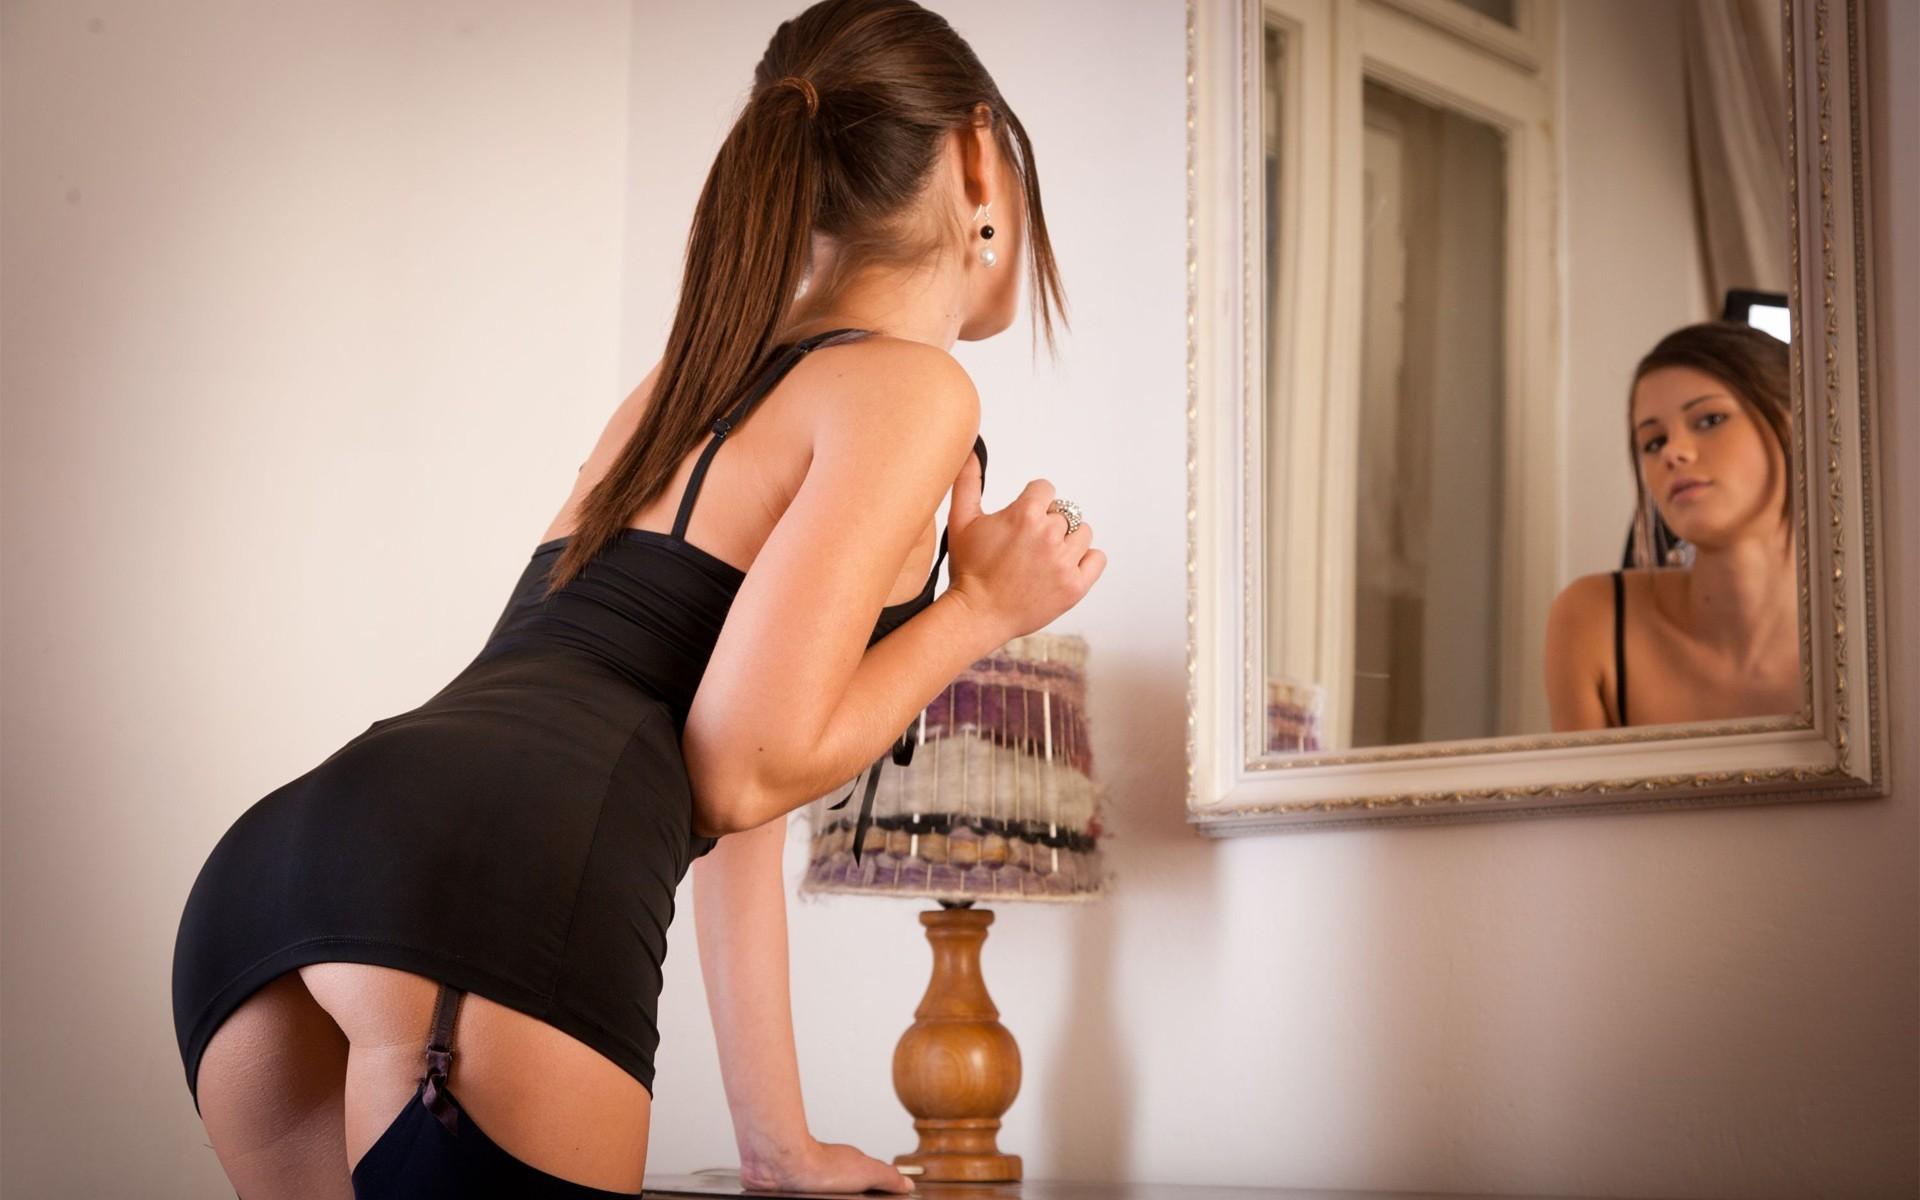 smilla escort erotisk massage homosexuell uppsala